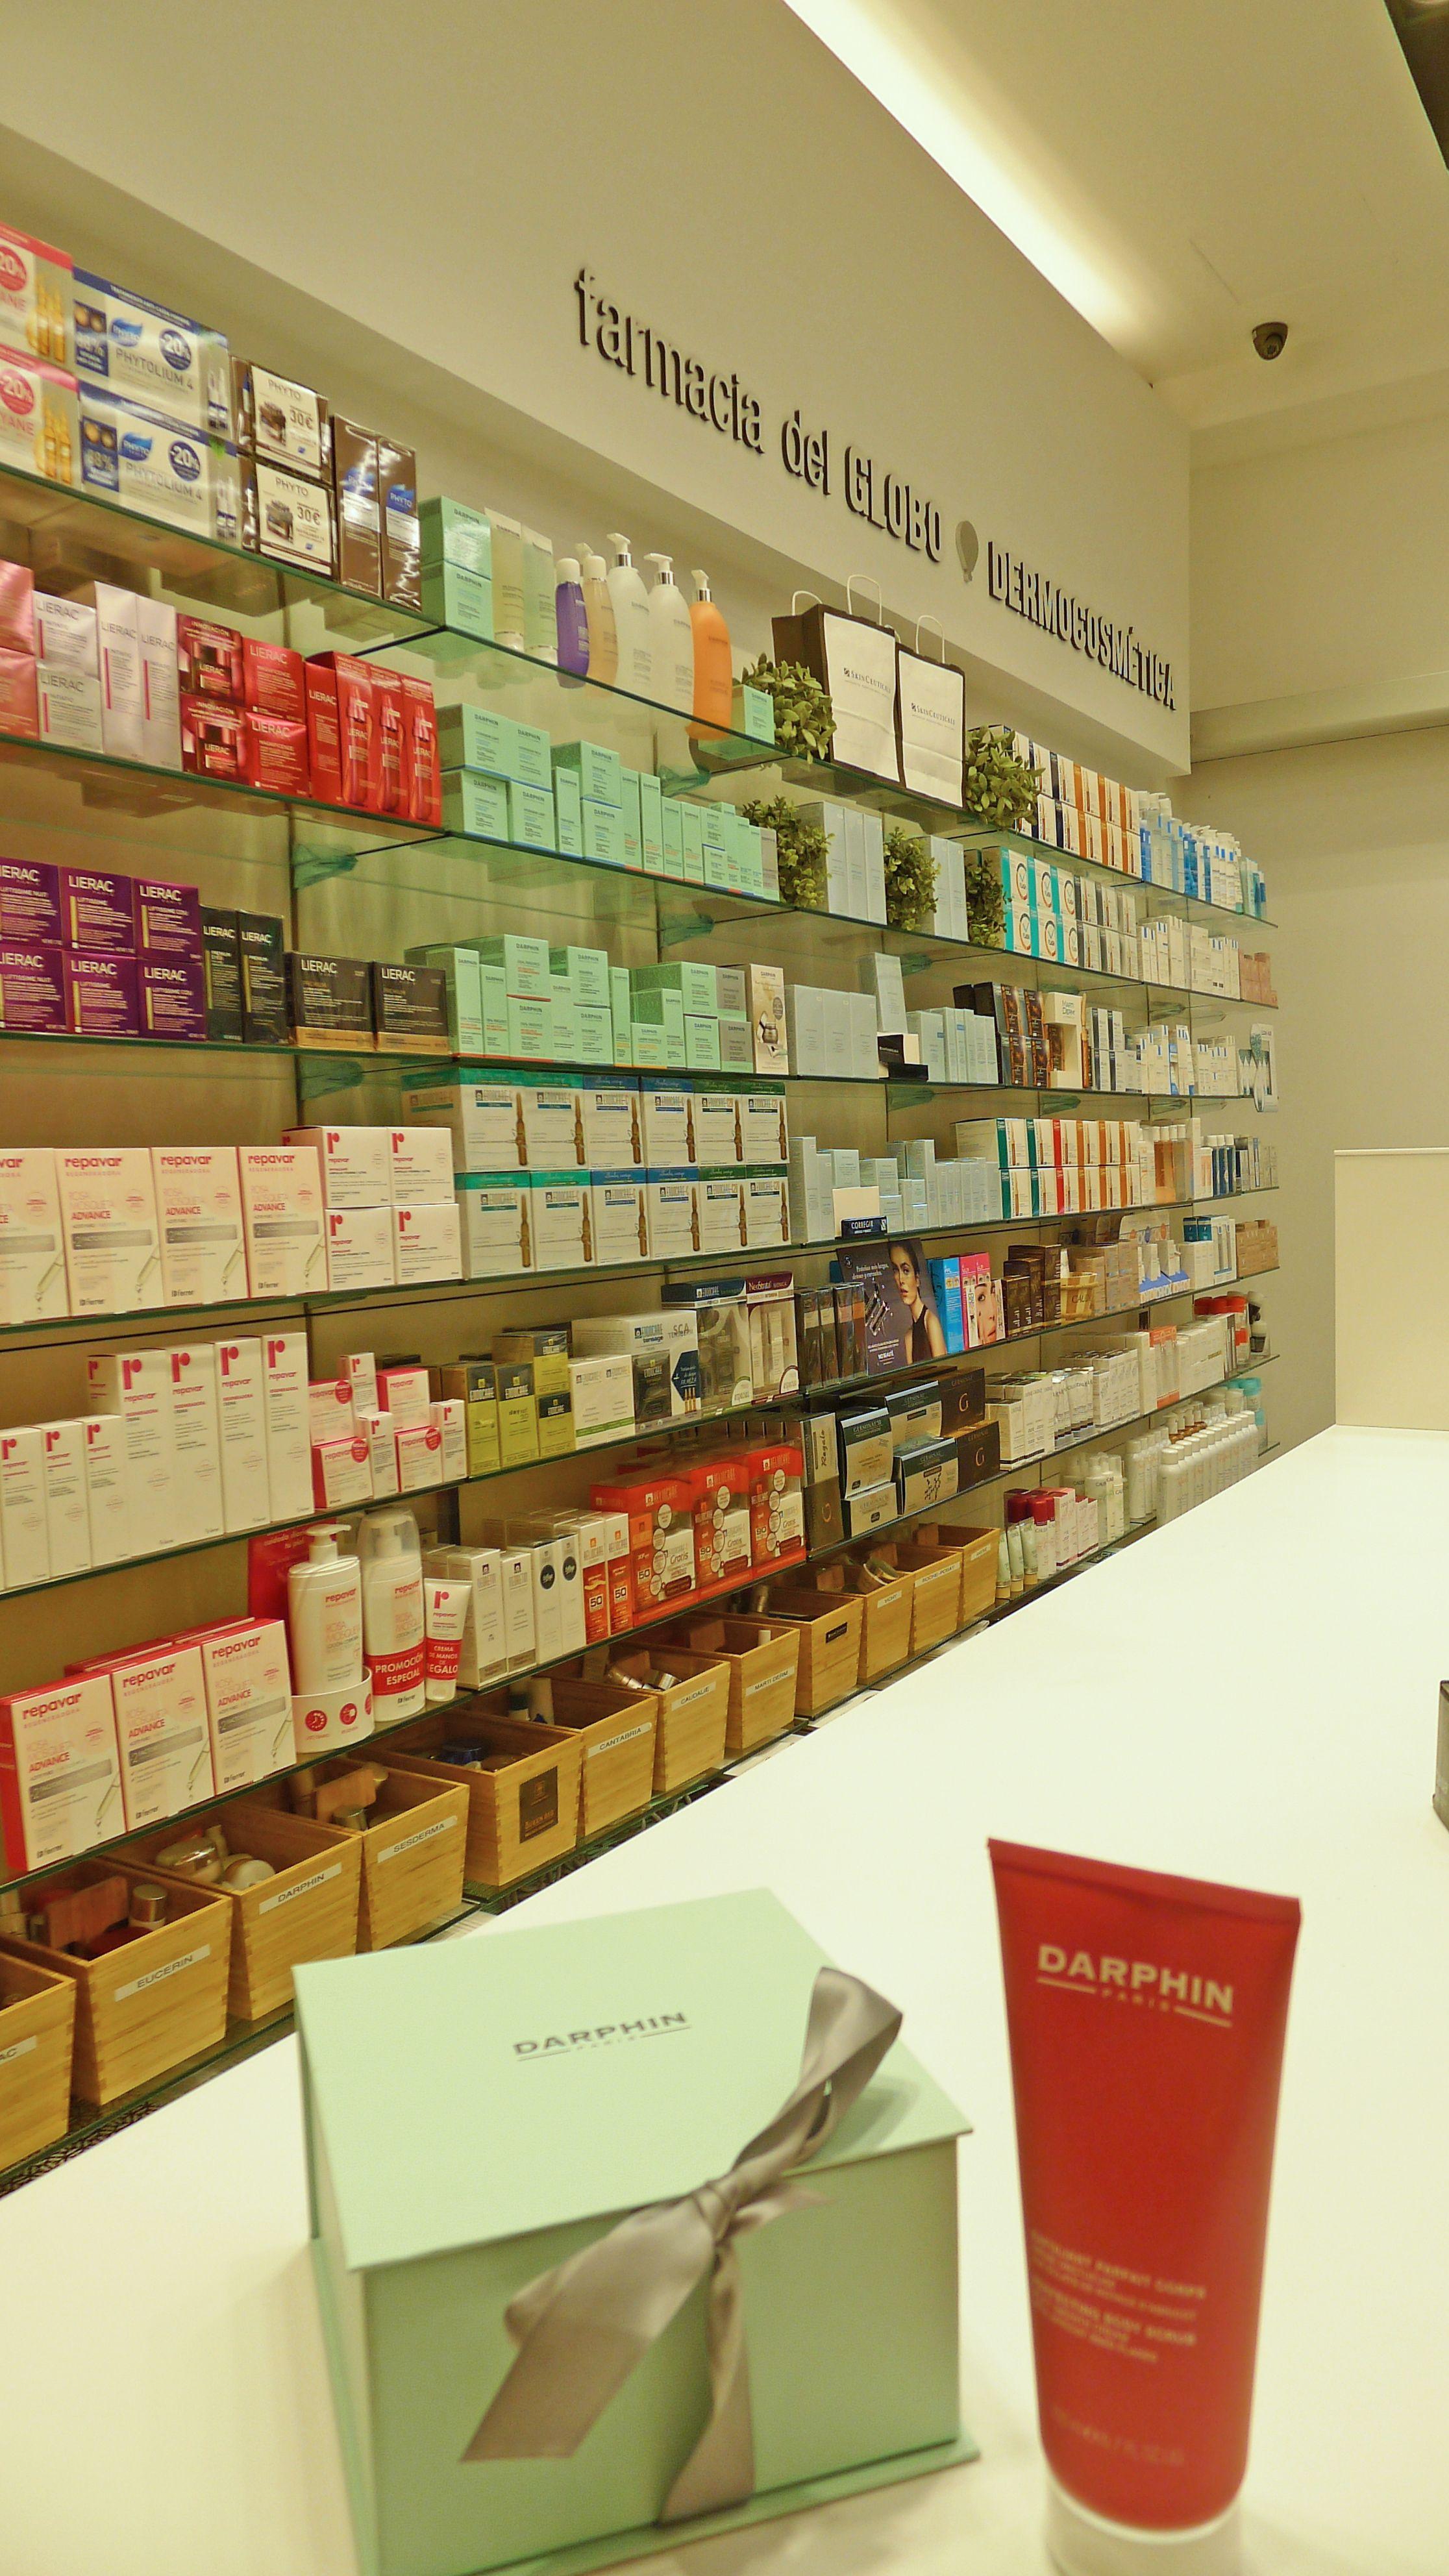 Farmacia Del Globo Goya 55 Madrid Farmacia Punto De Venta